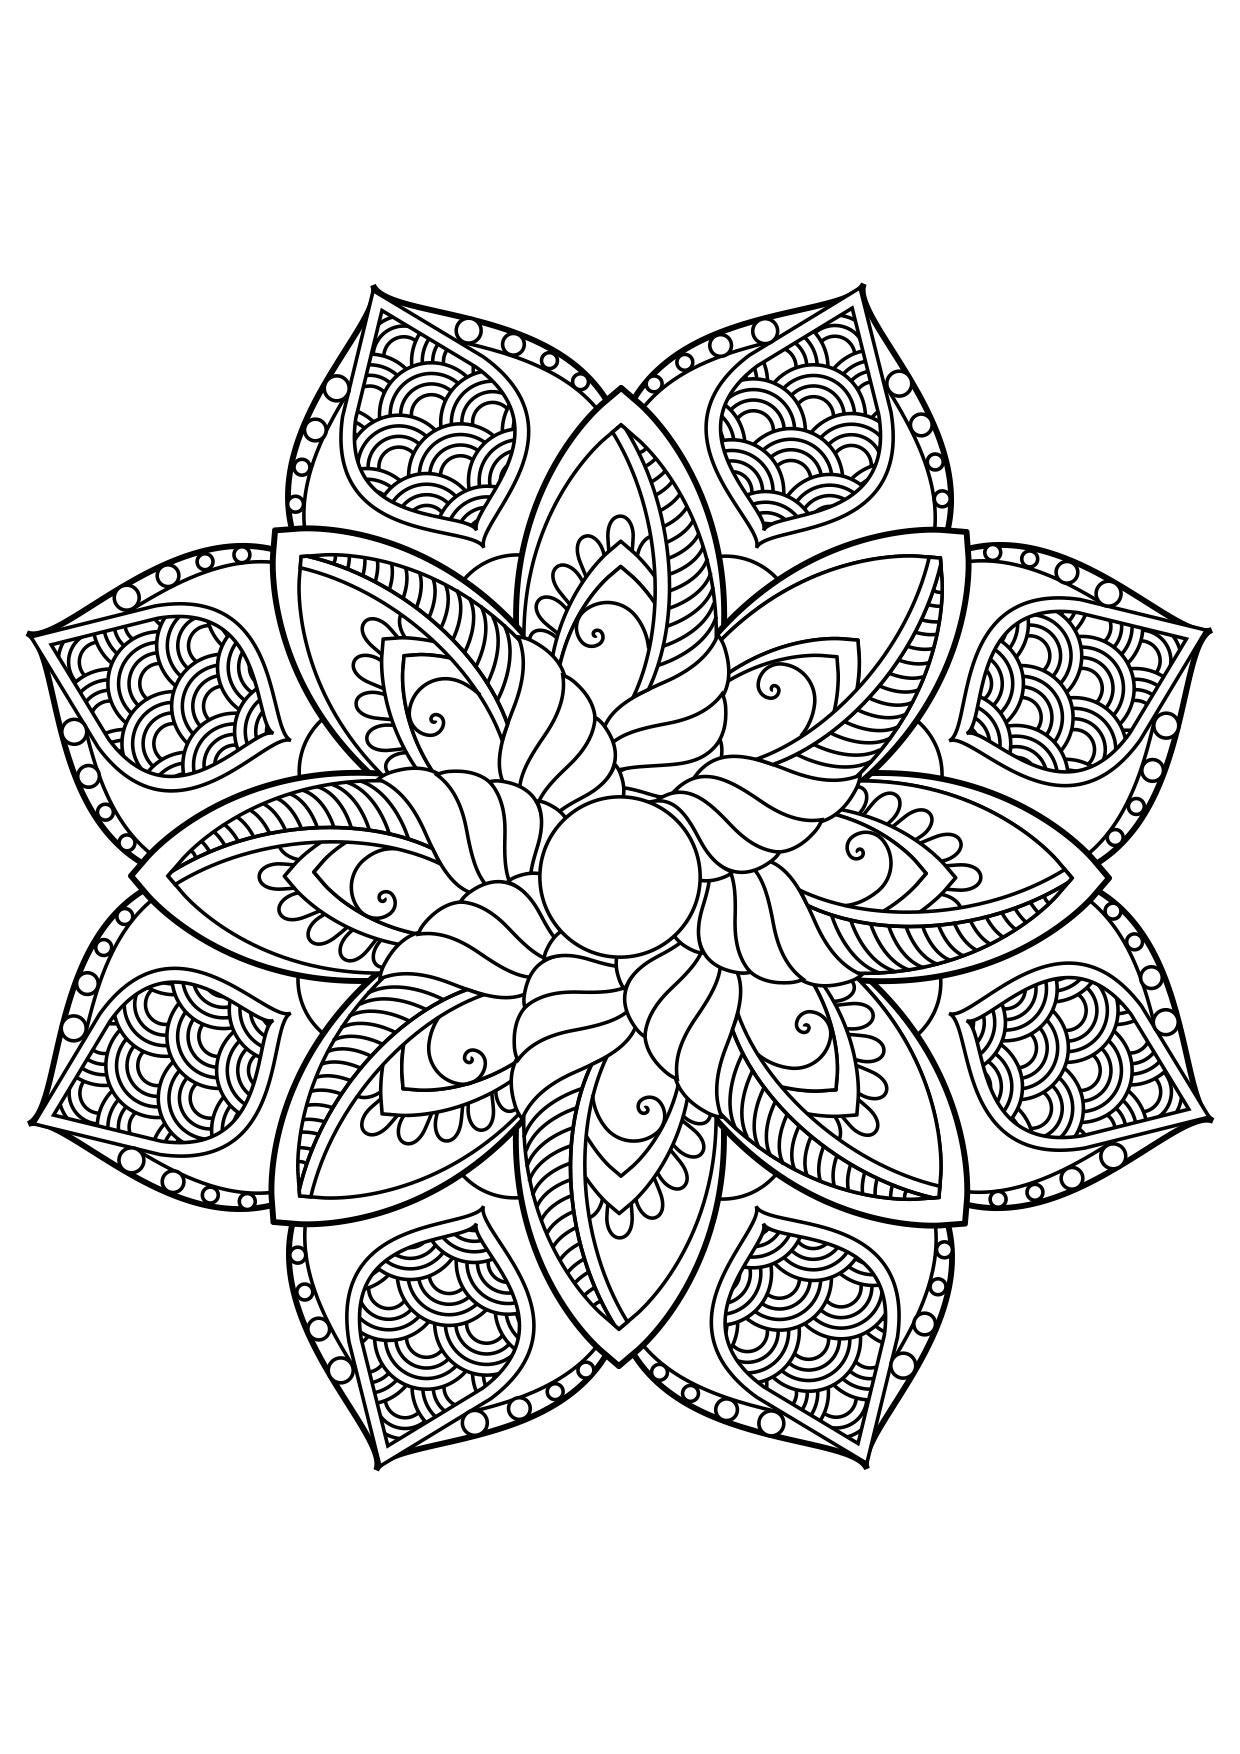 Coloriage Mandala - Coloriages Gratuits à Imprimer